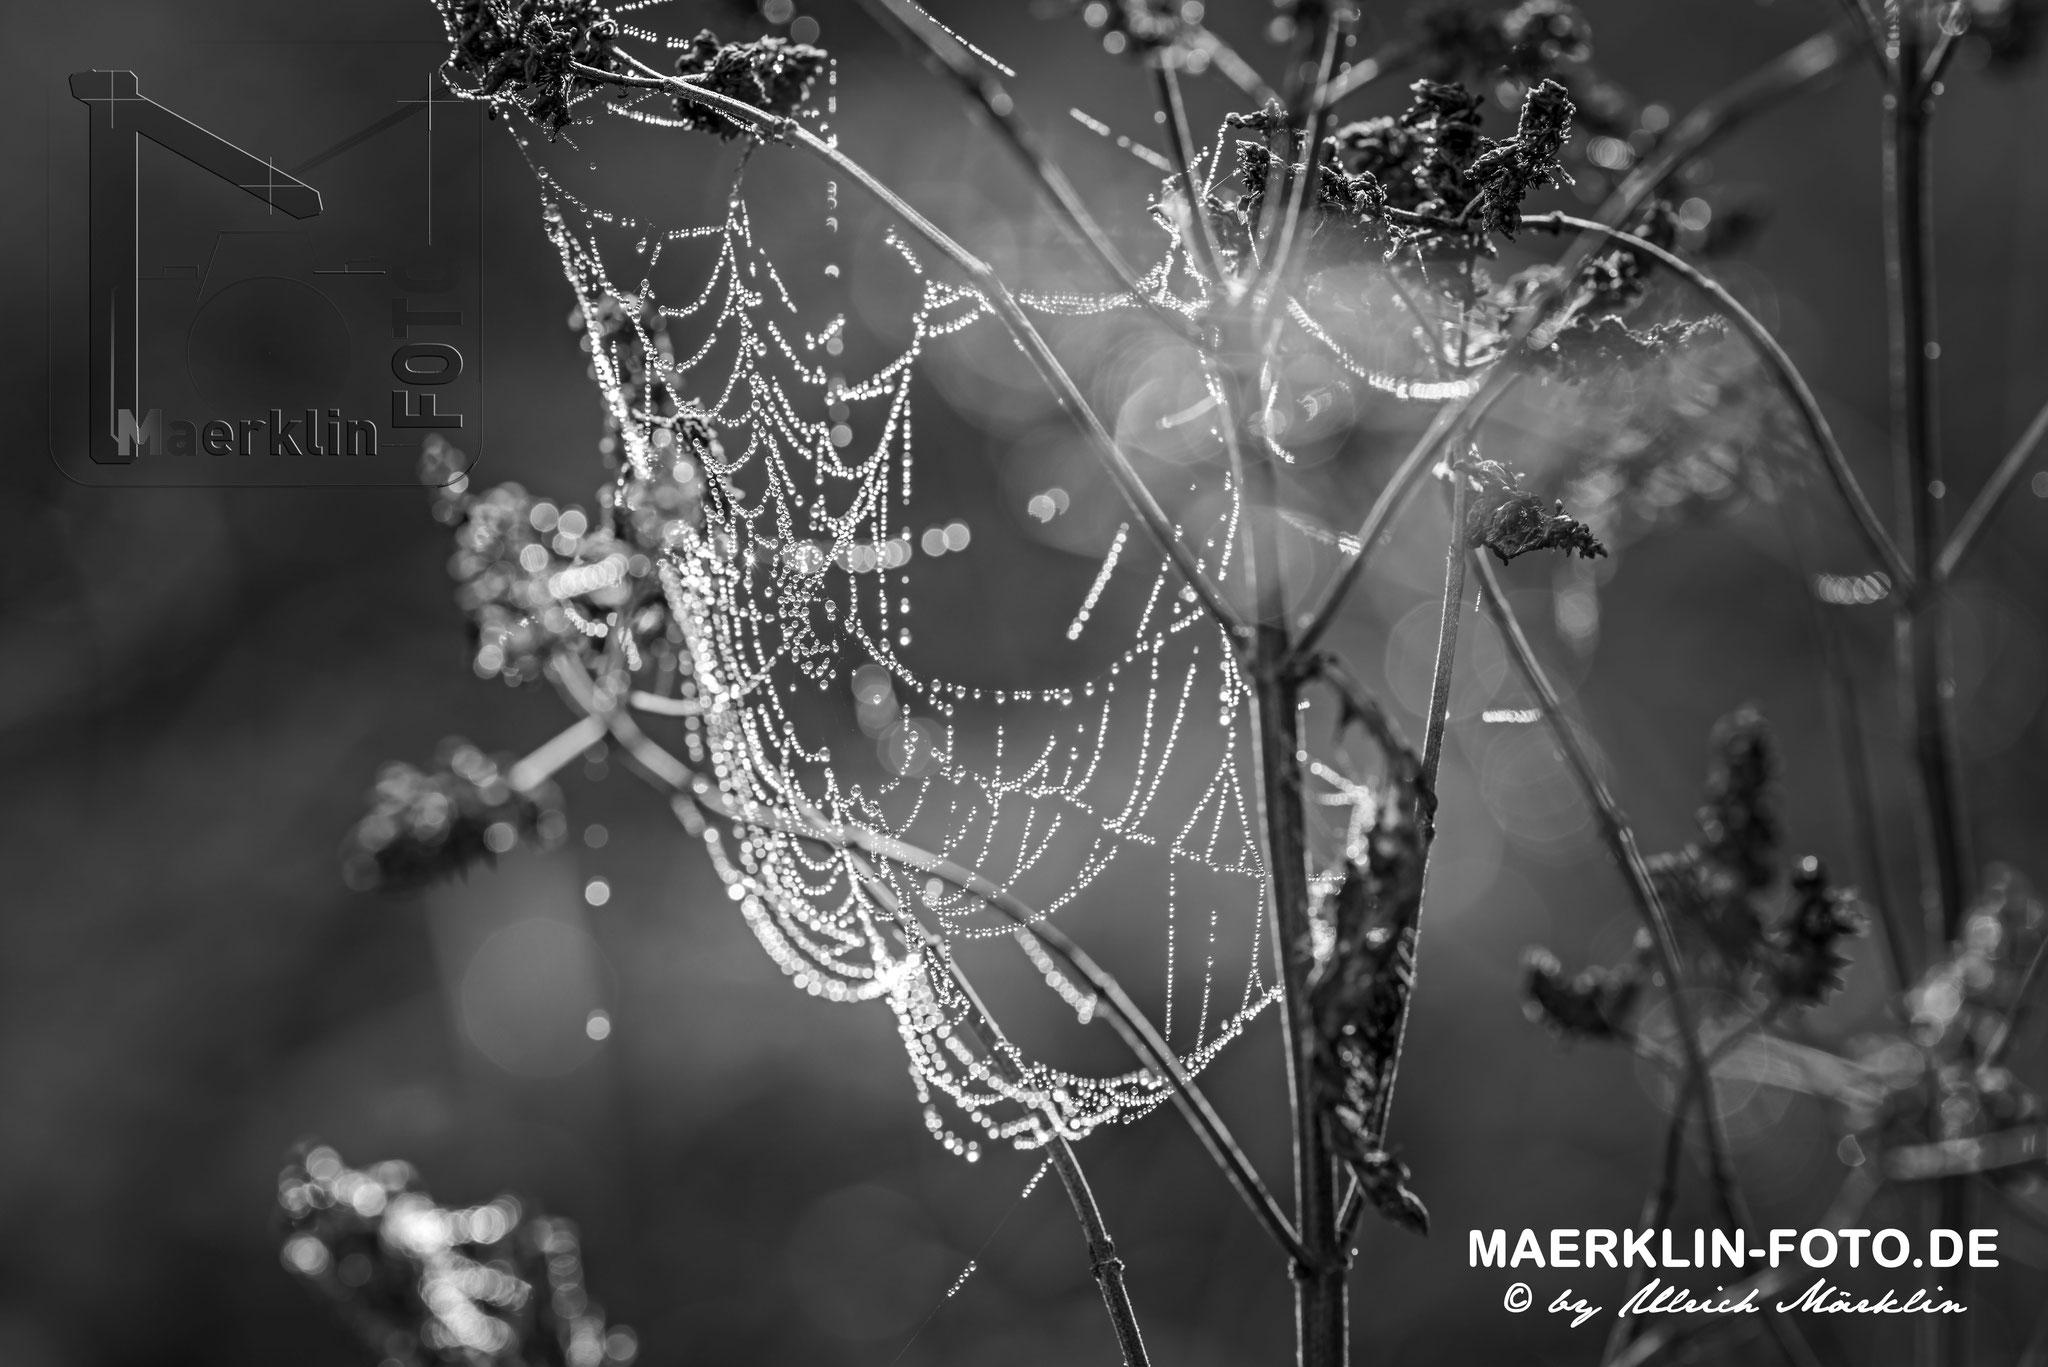 Tautropfen am Spinnenetz (schwarz-weiß), Gegenlichtaufnahme, Naturpark Schönbuch